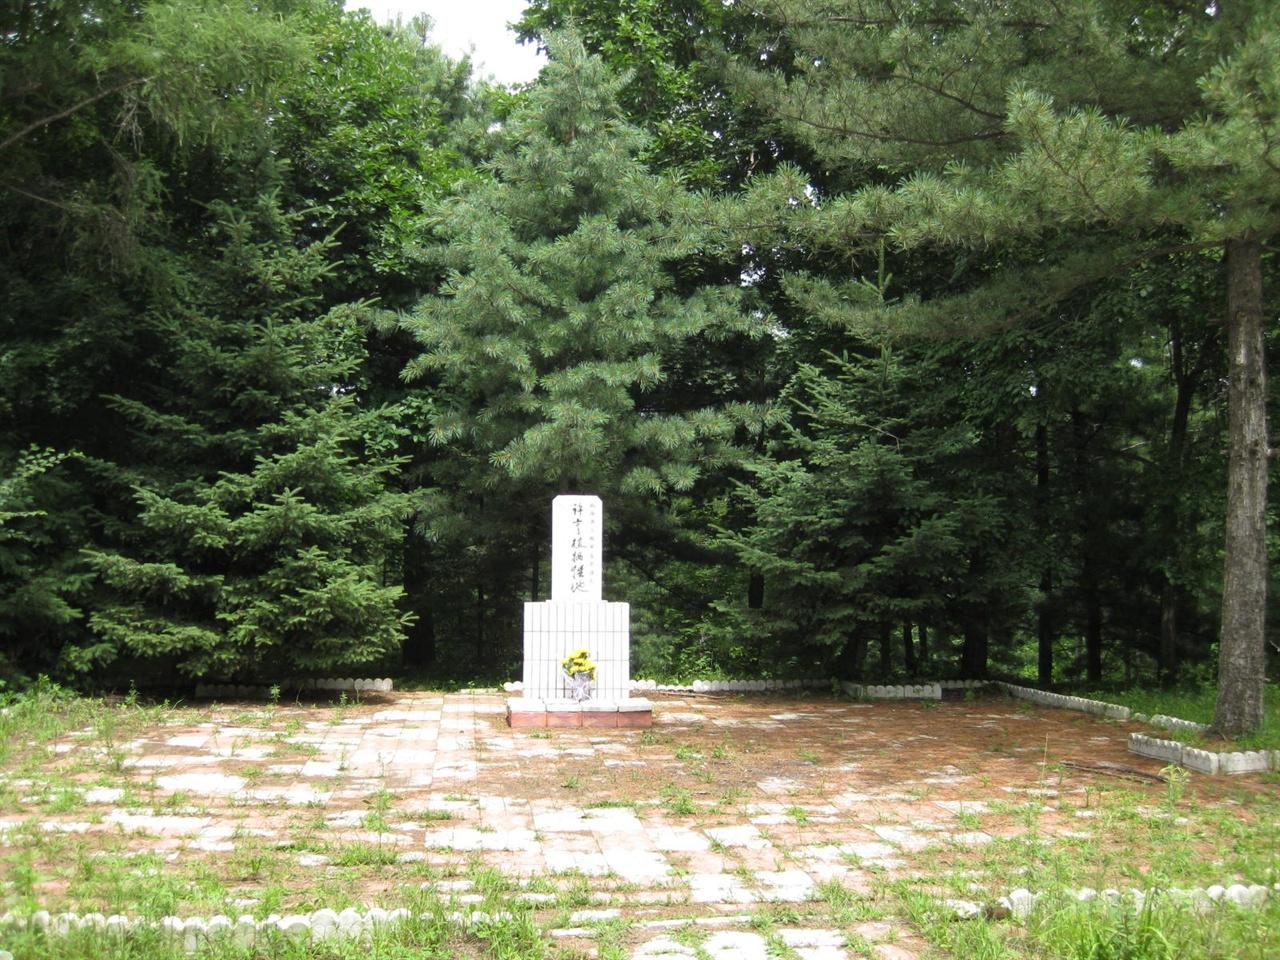 중국 헤이룽장성 경안현 청송령에 세워진 허형식 희생기념비